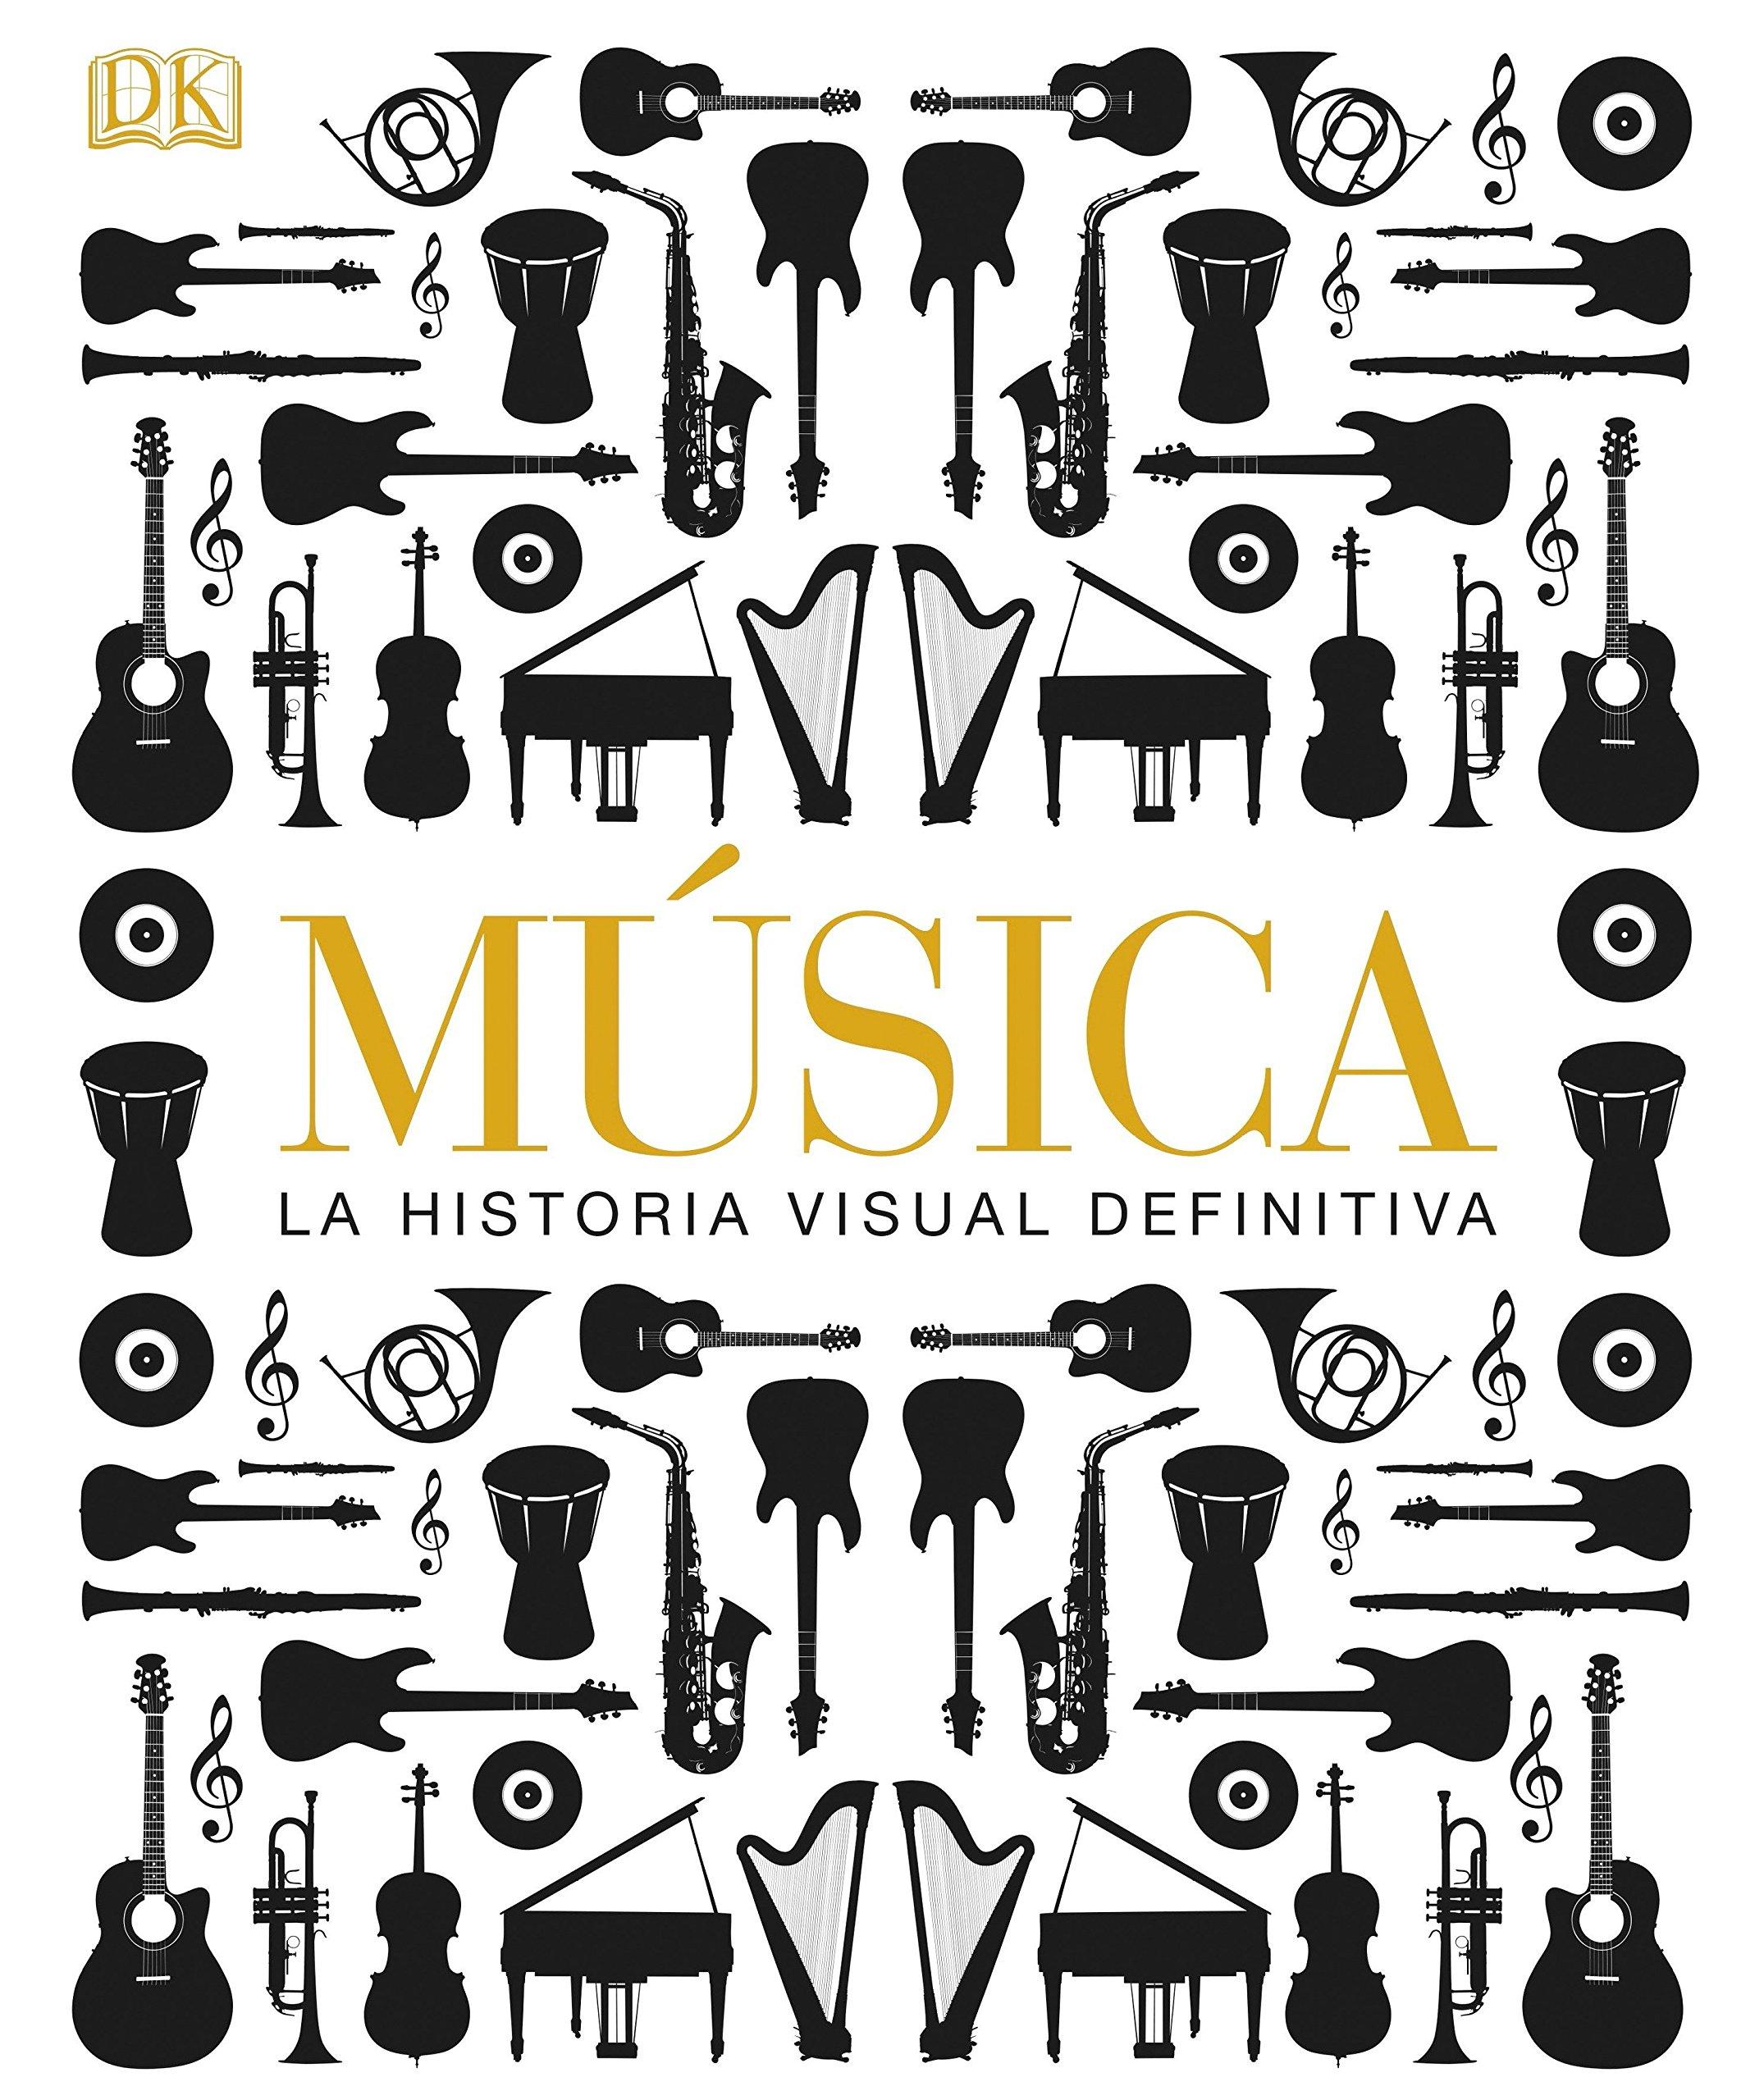 musica la historia visual definitiva spanish edition